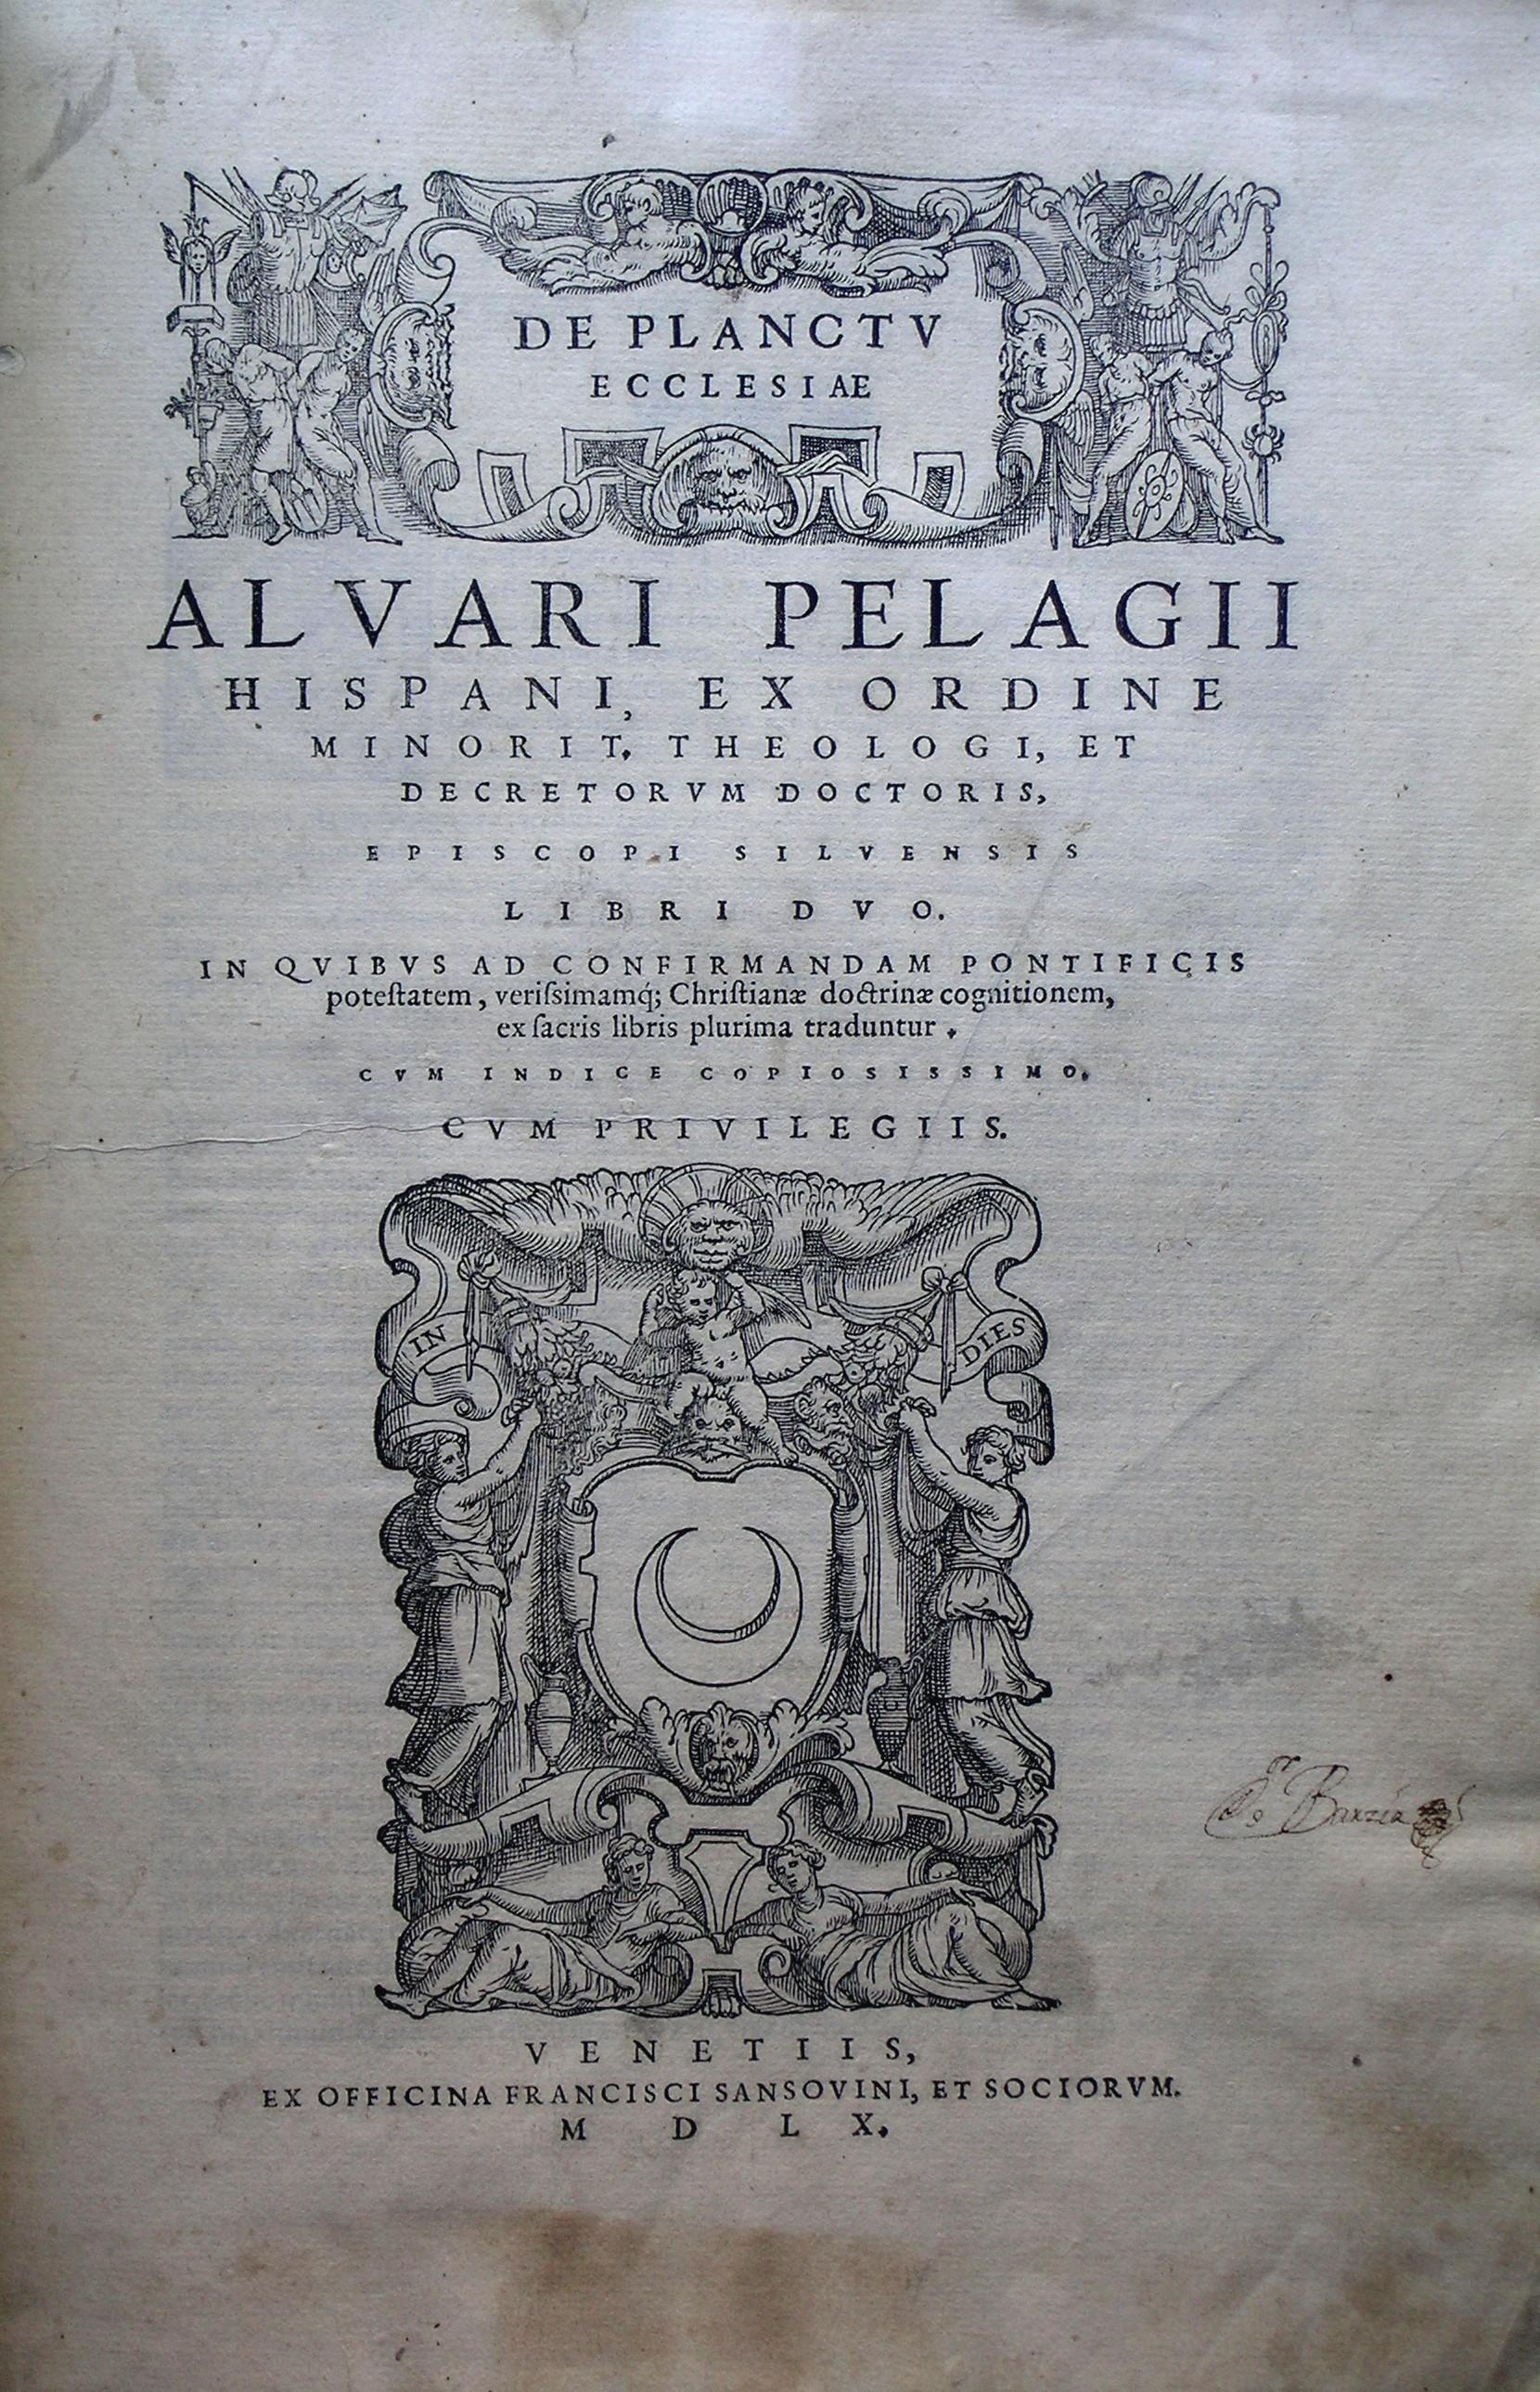 De statu et planctu ecclesiae, 1560